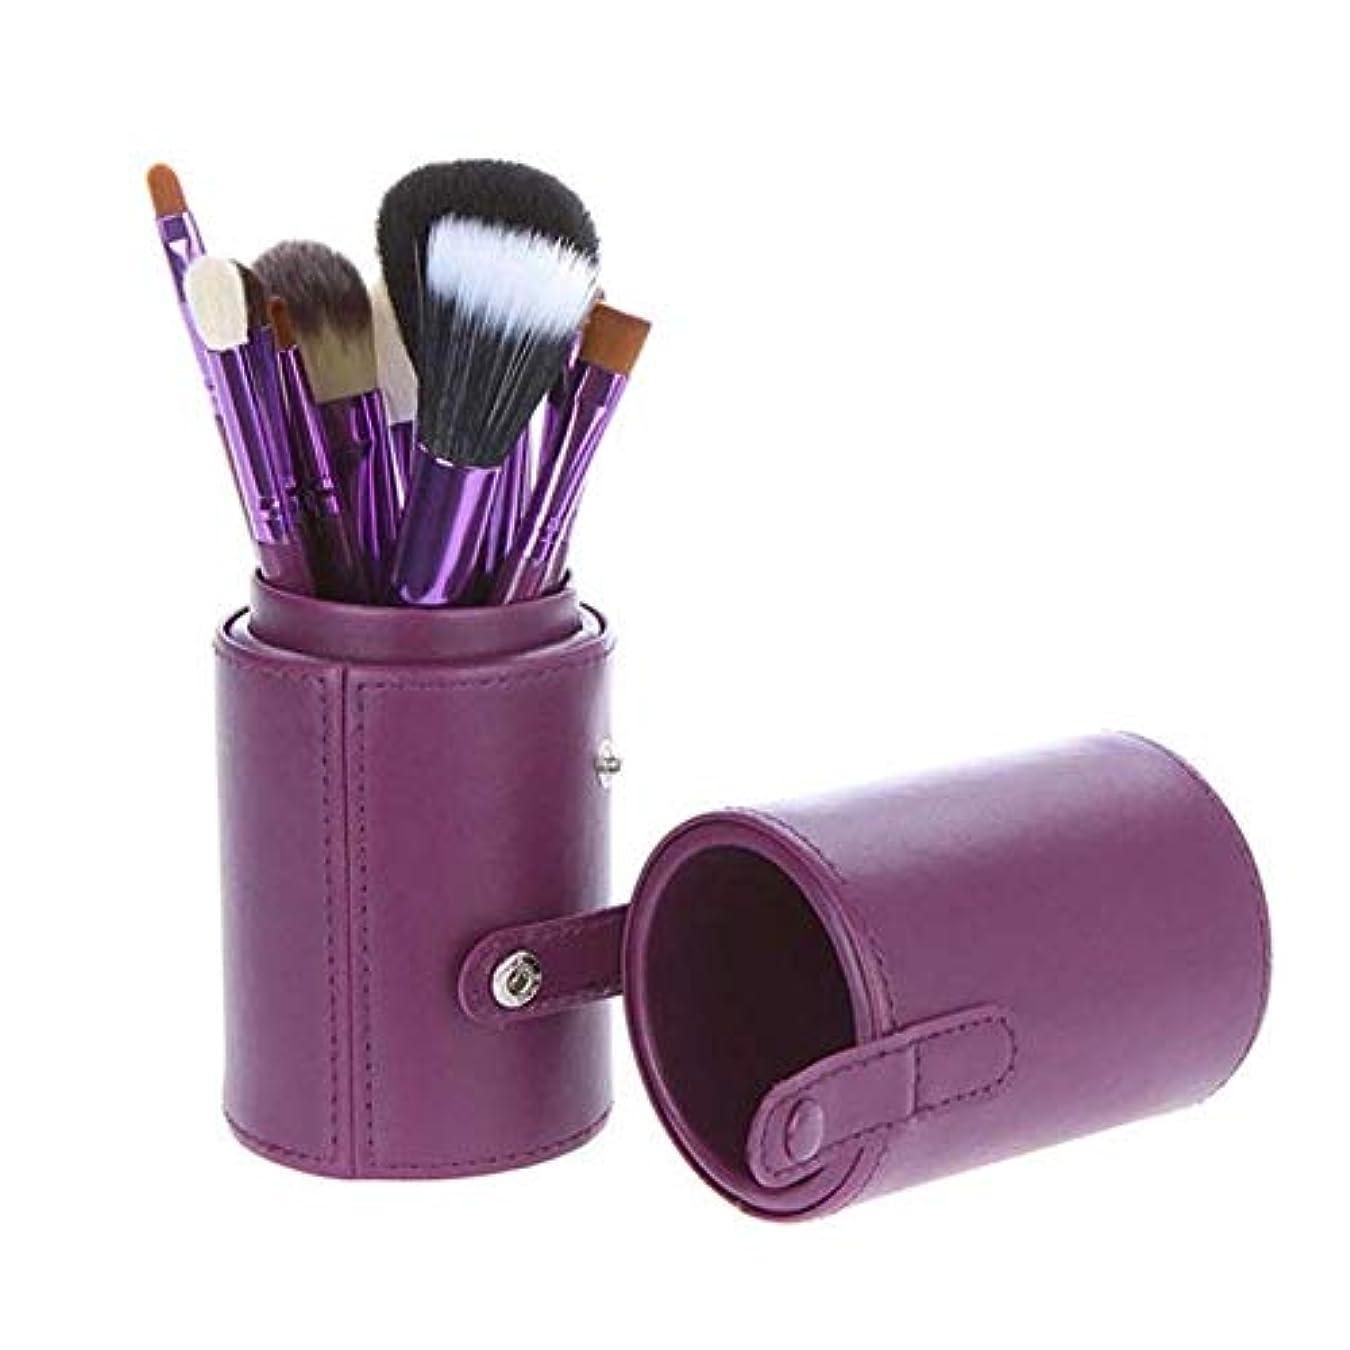 厚い滅多保持化粧ブラシセット:美しい女性ギフトボックスに表示されるスタイリッシュなブラシケースで、プロのプロ、美容ブレンダーとクリーナーをメイクアップ (Color : Purple)